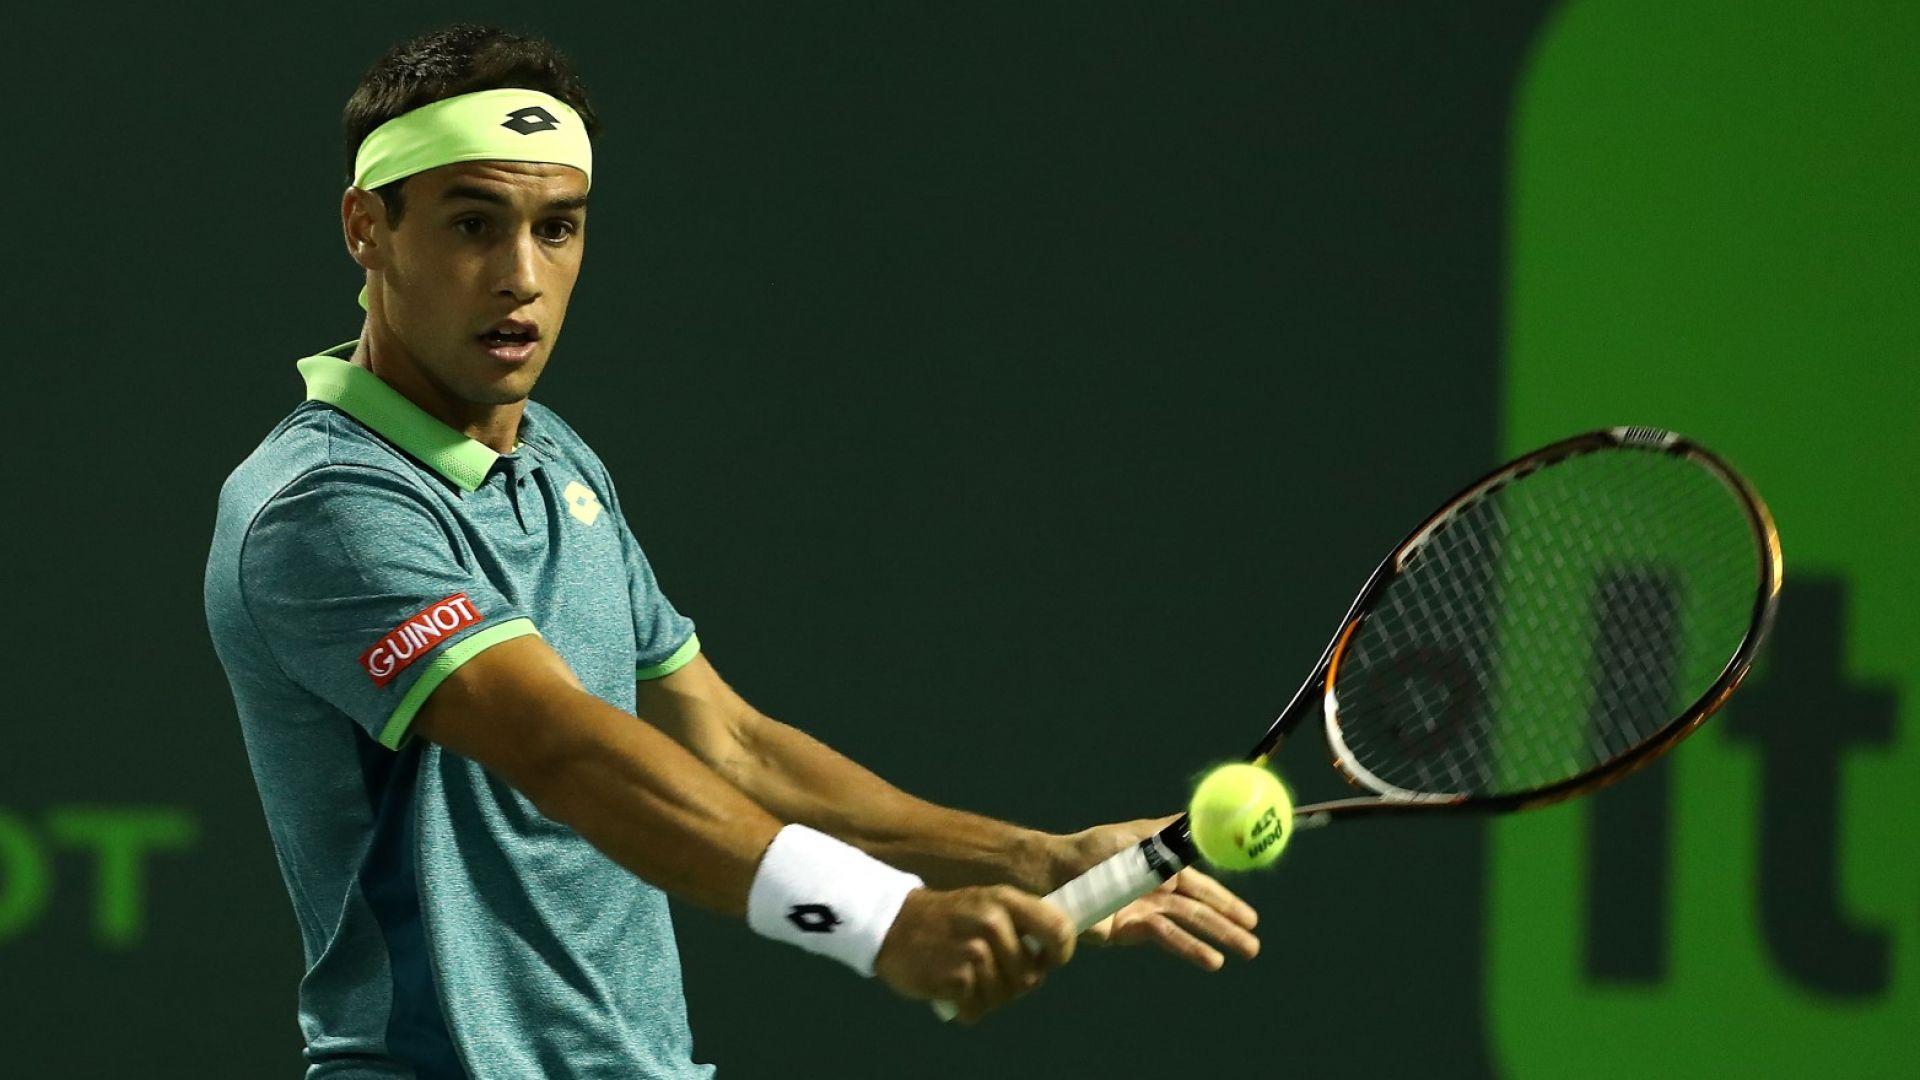 Обвиниха тенисист от топ 100 за уговорени мачове